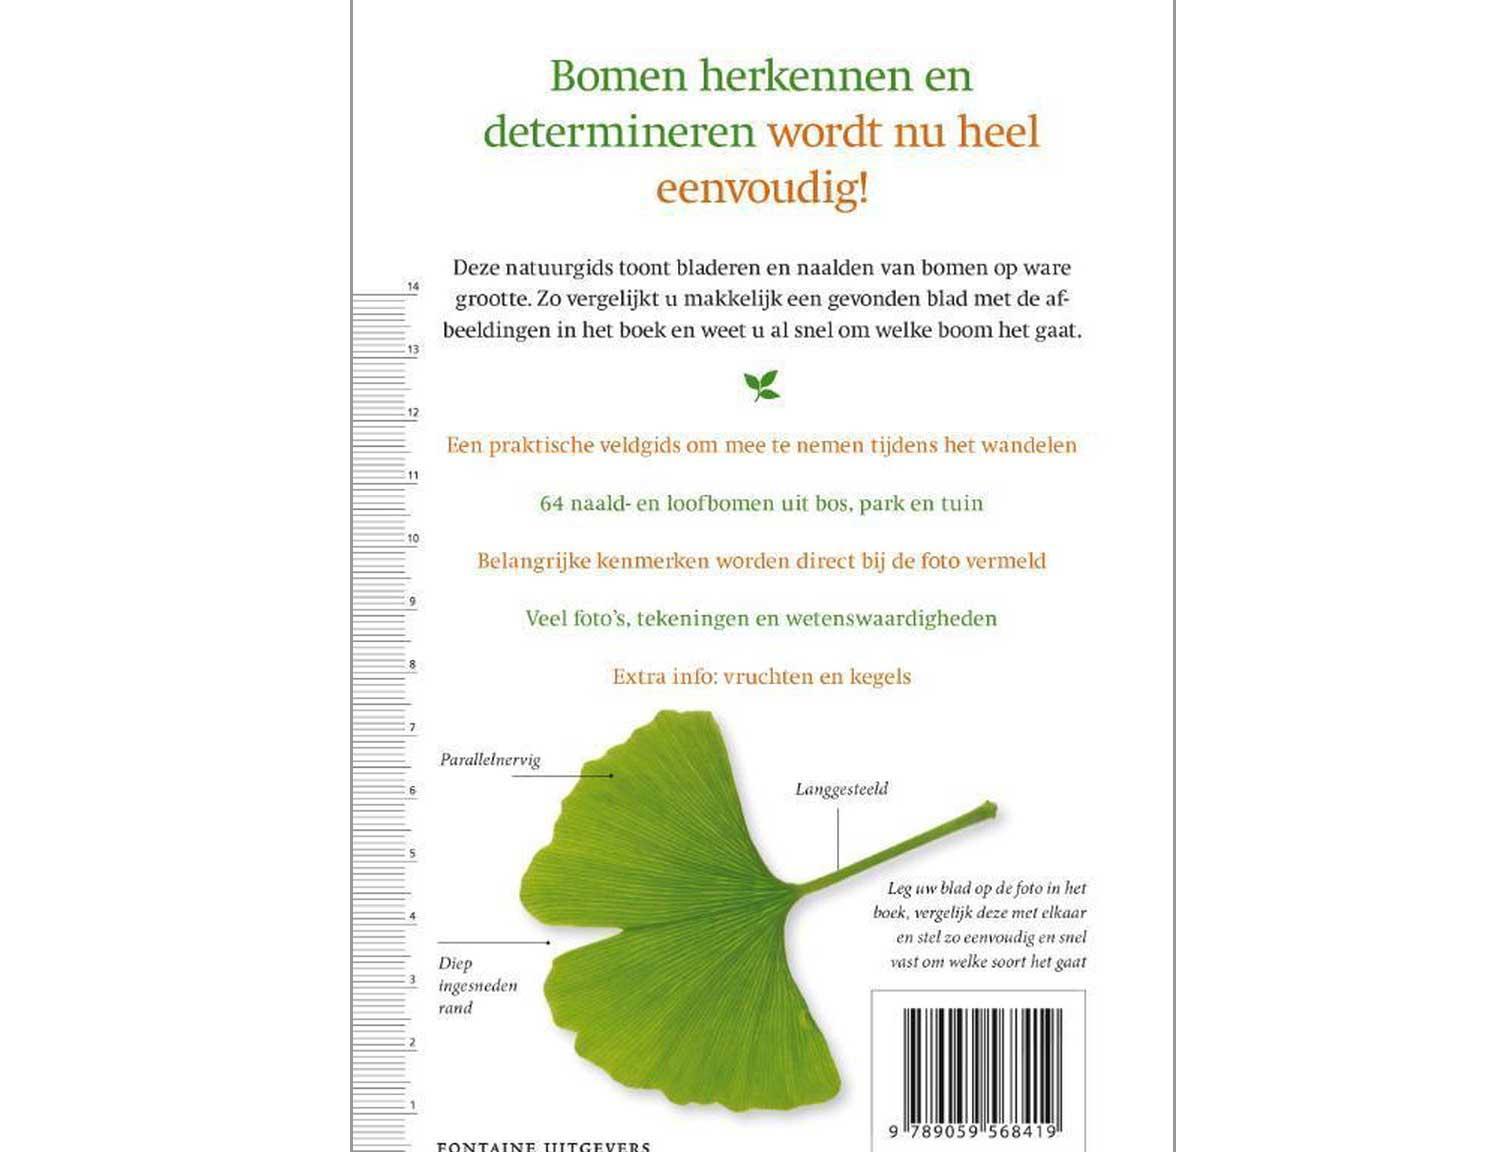 boombladeren-2